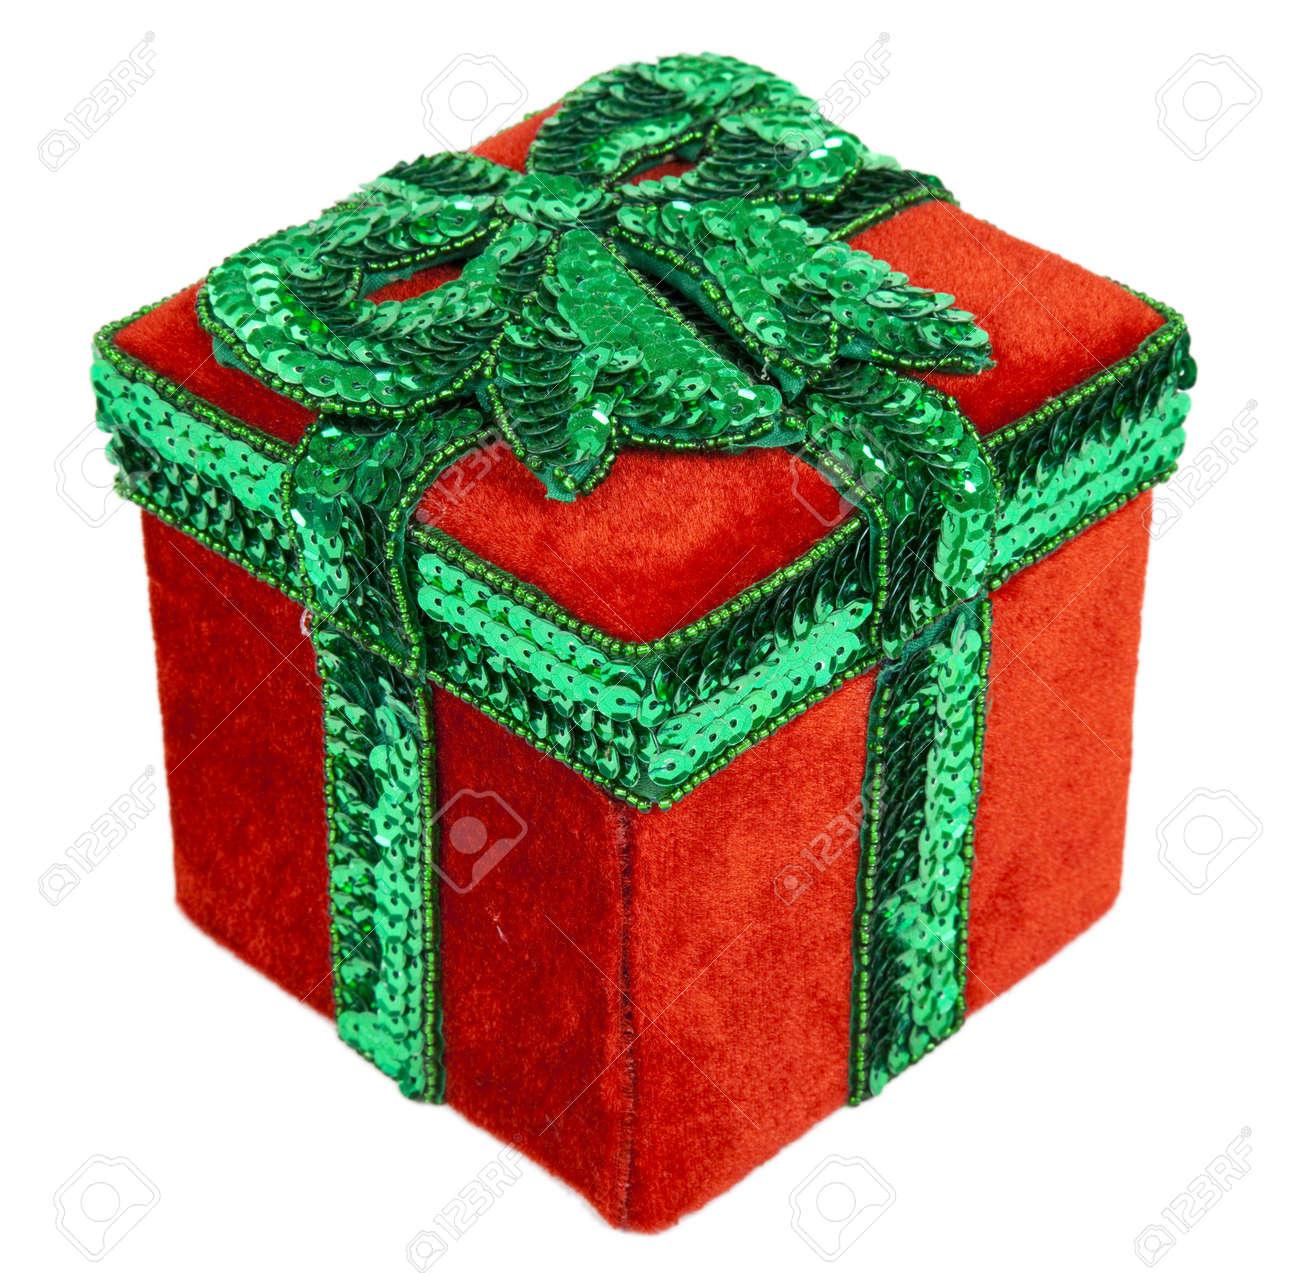 Geschenkbox Weihnachten.Stock Photo